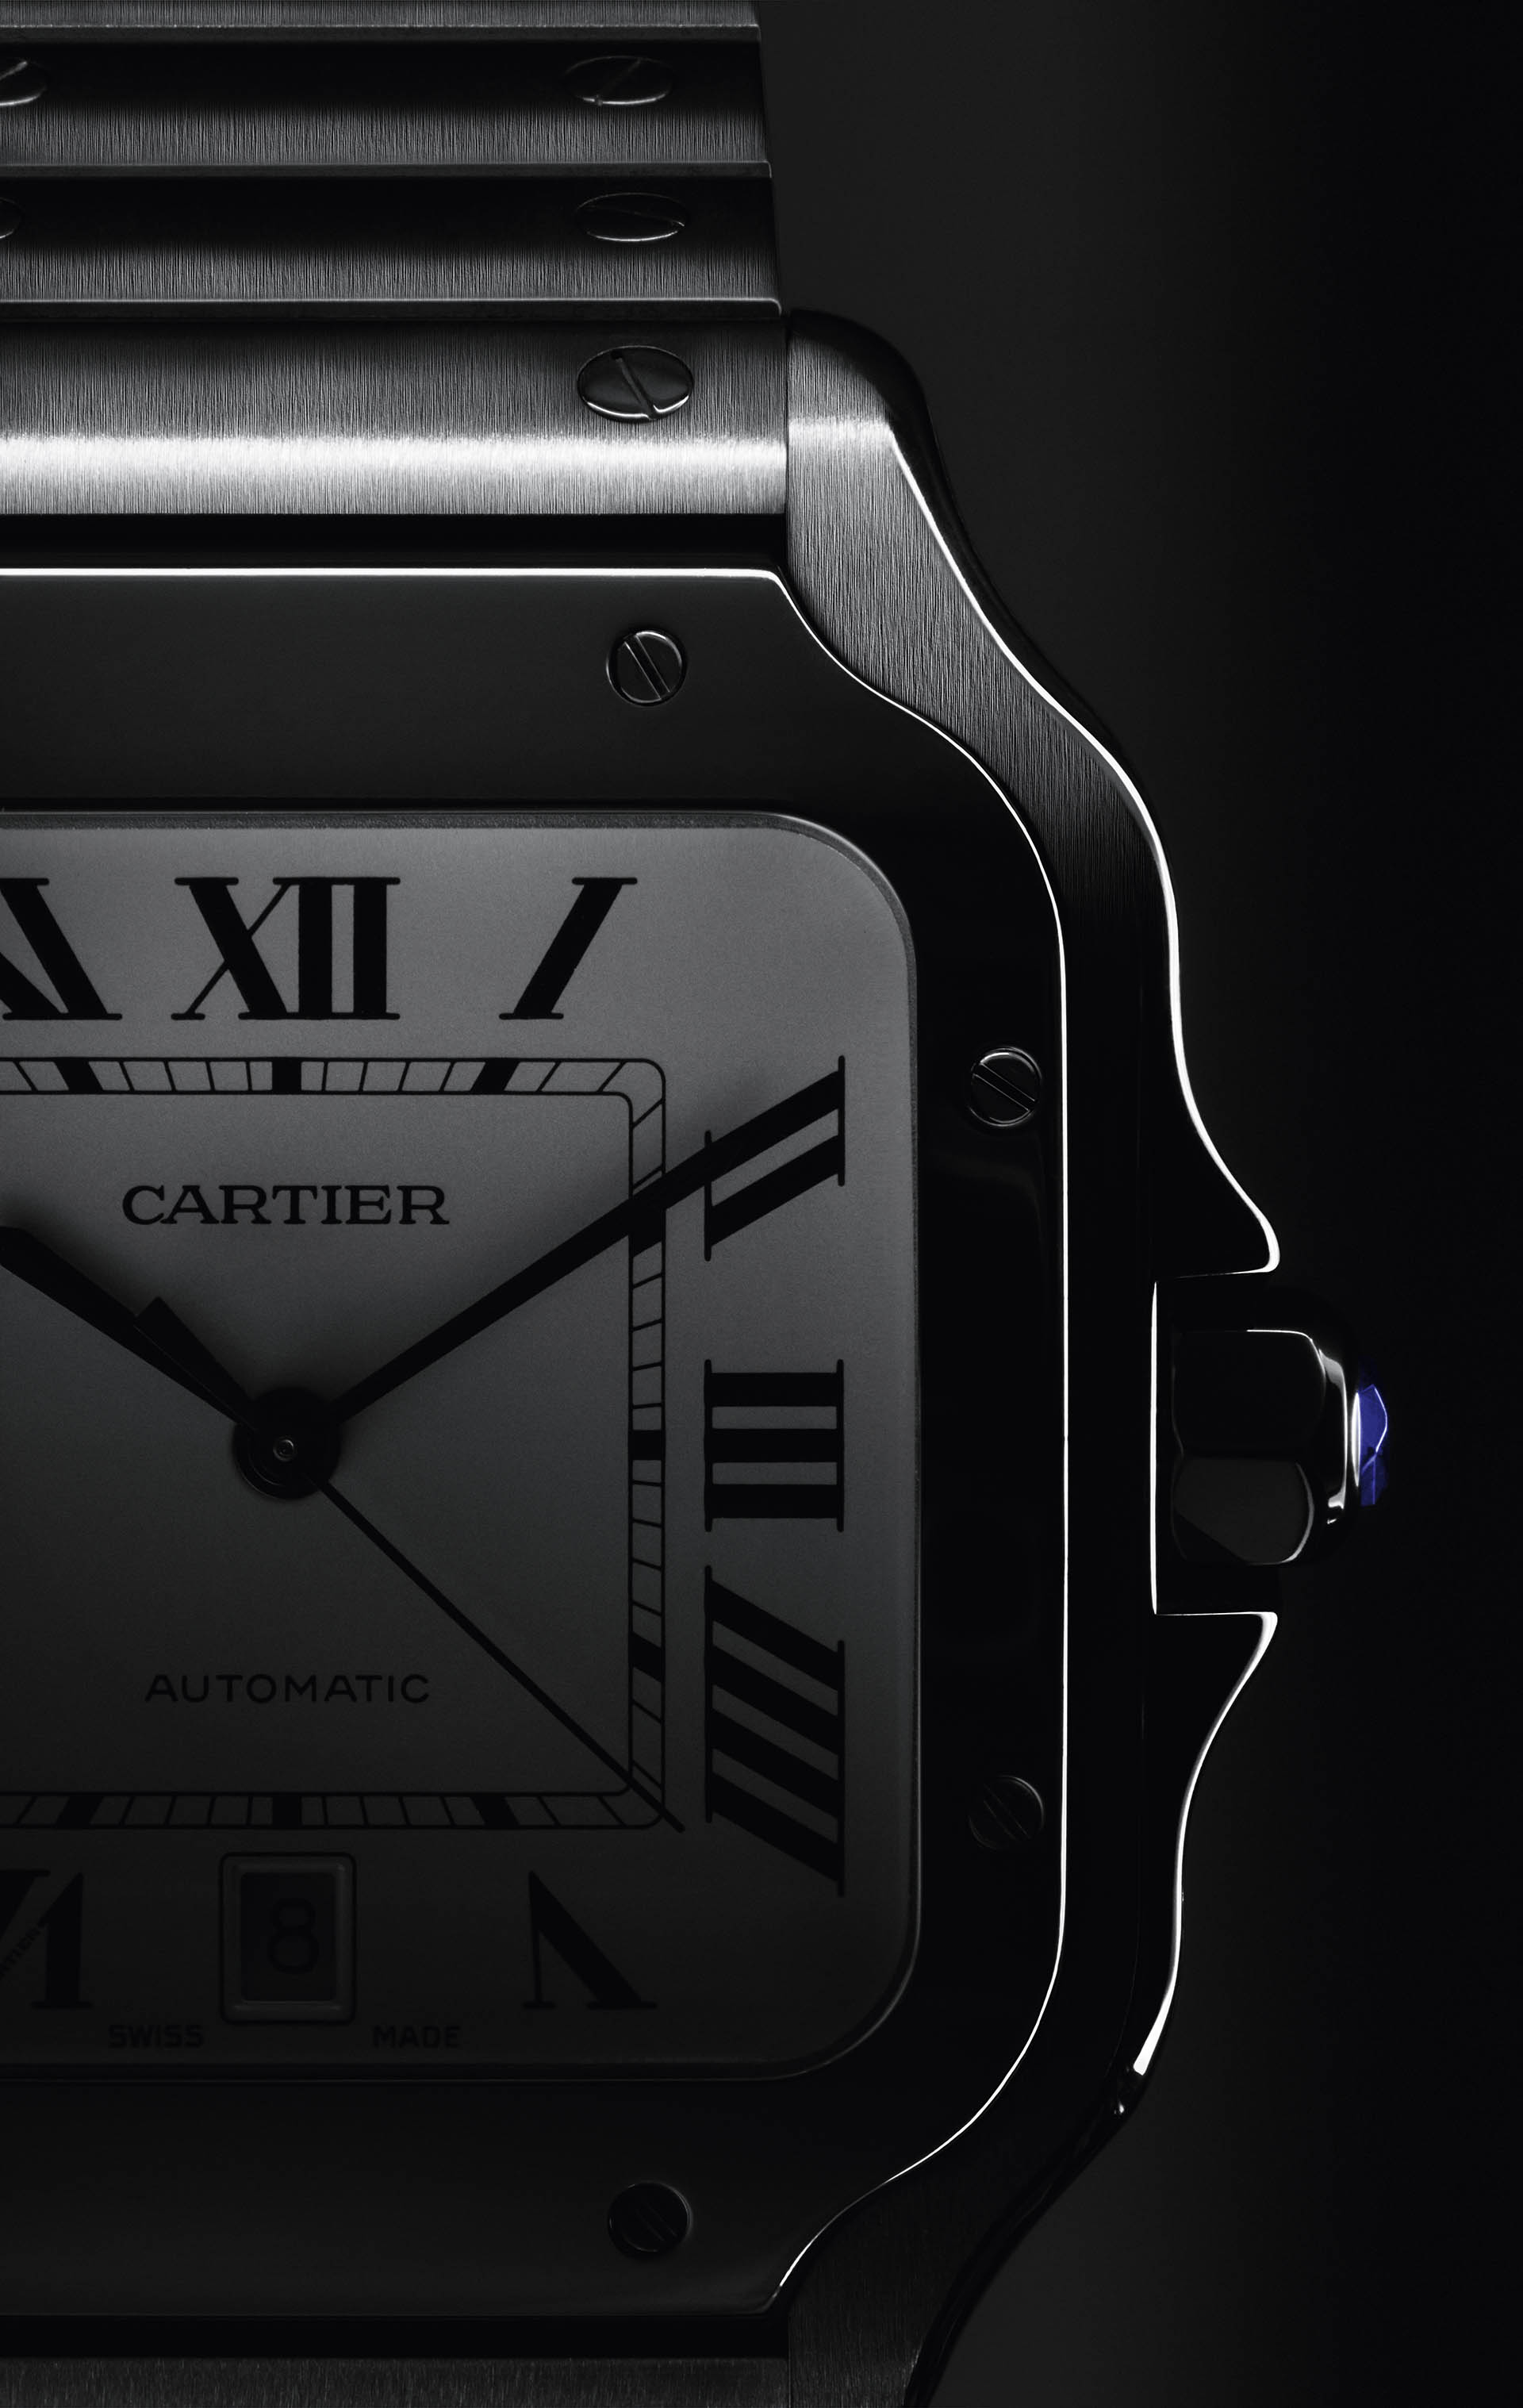 Detailansicht: das klassische Zifferblatt der Santos de Cartier.